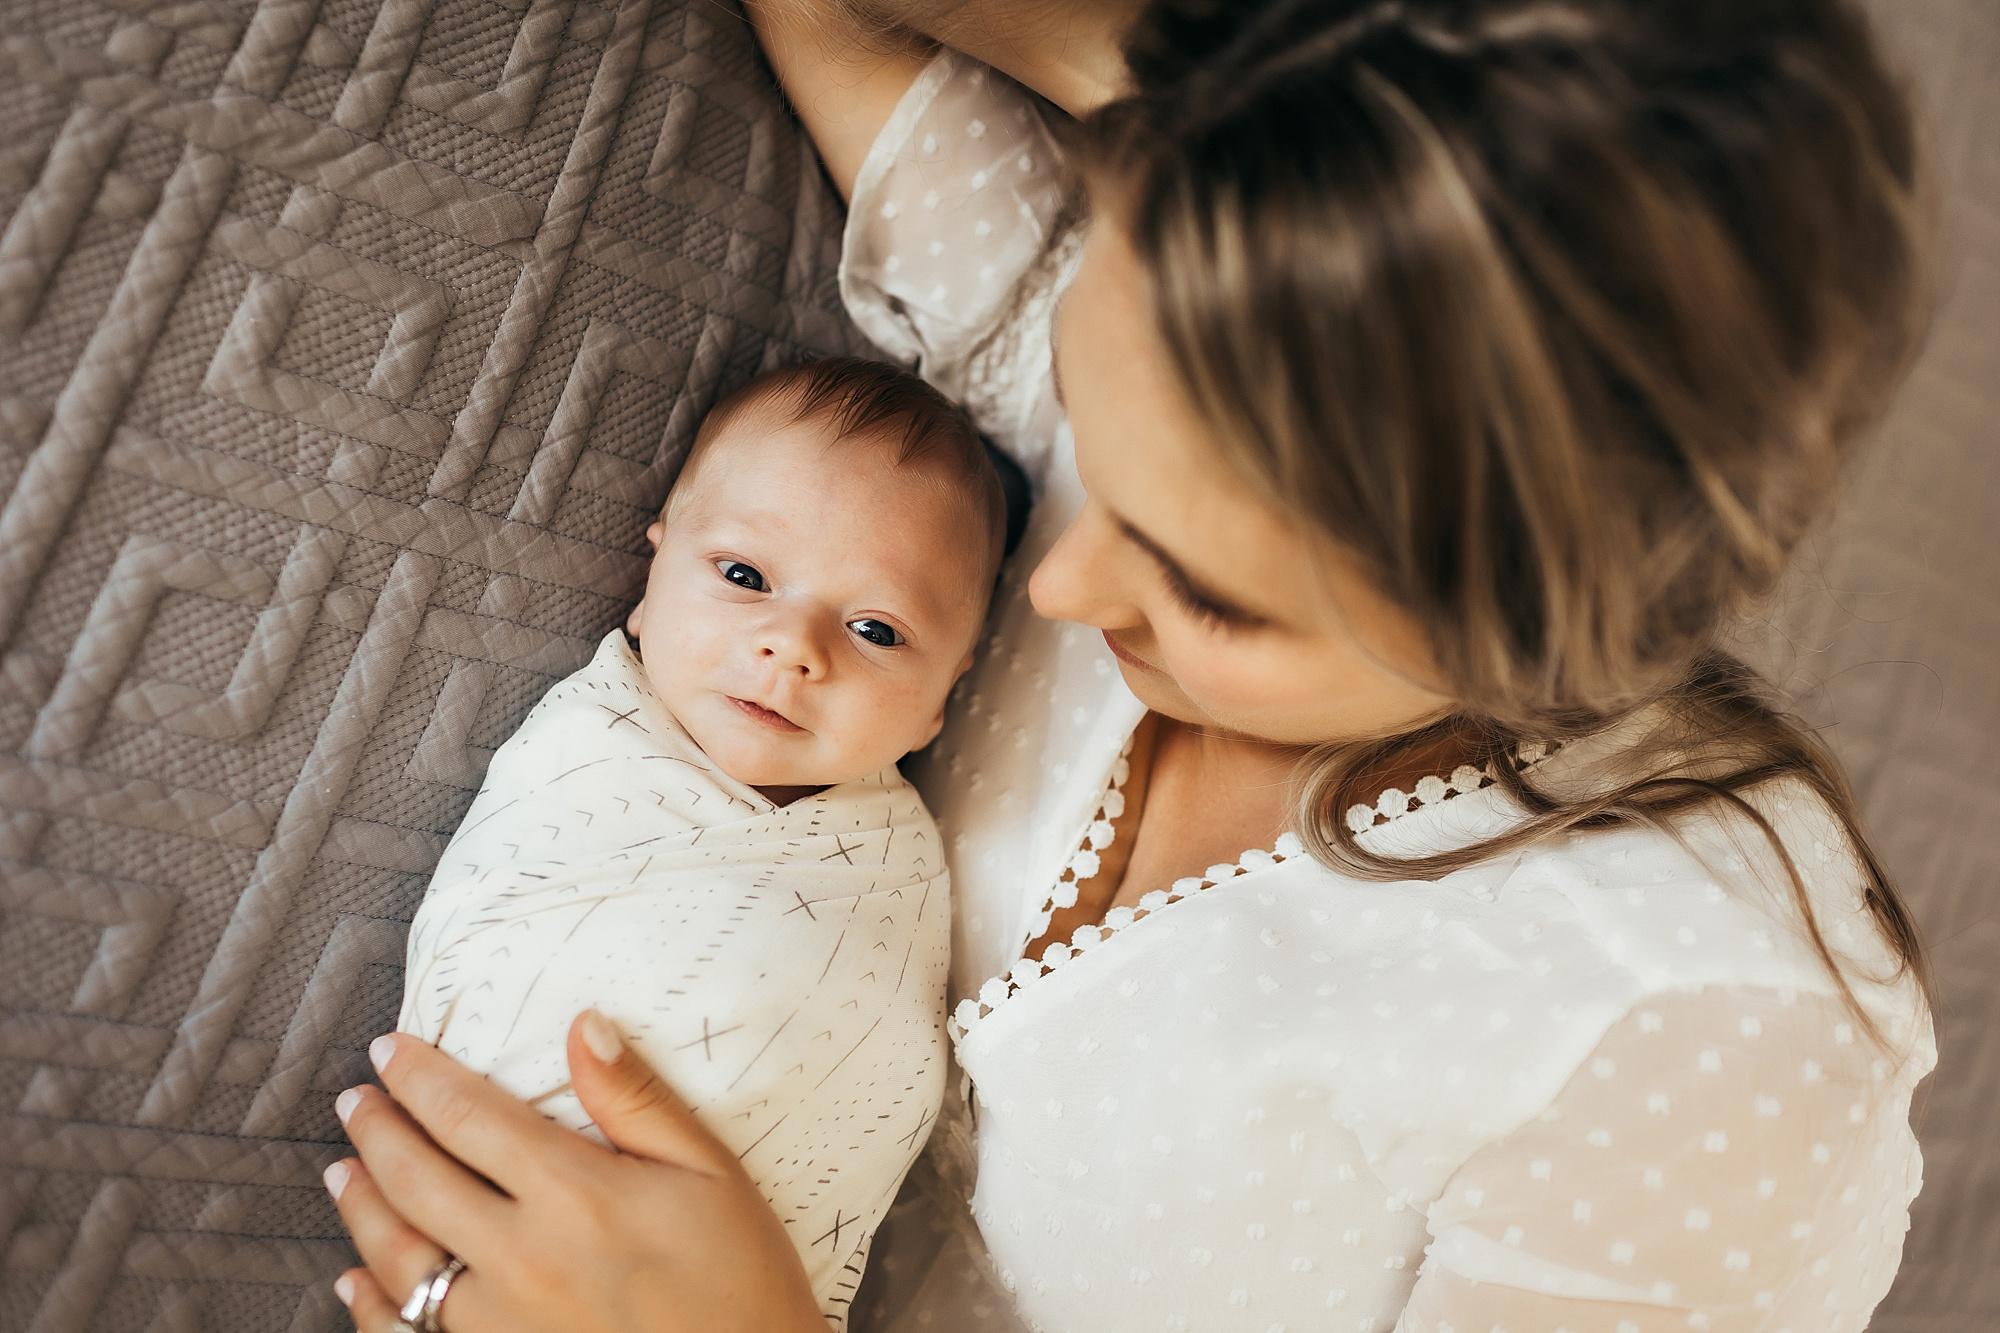 Newborn Photographer Denver, CO | www.julielivermorephotography.com